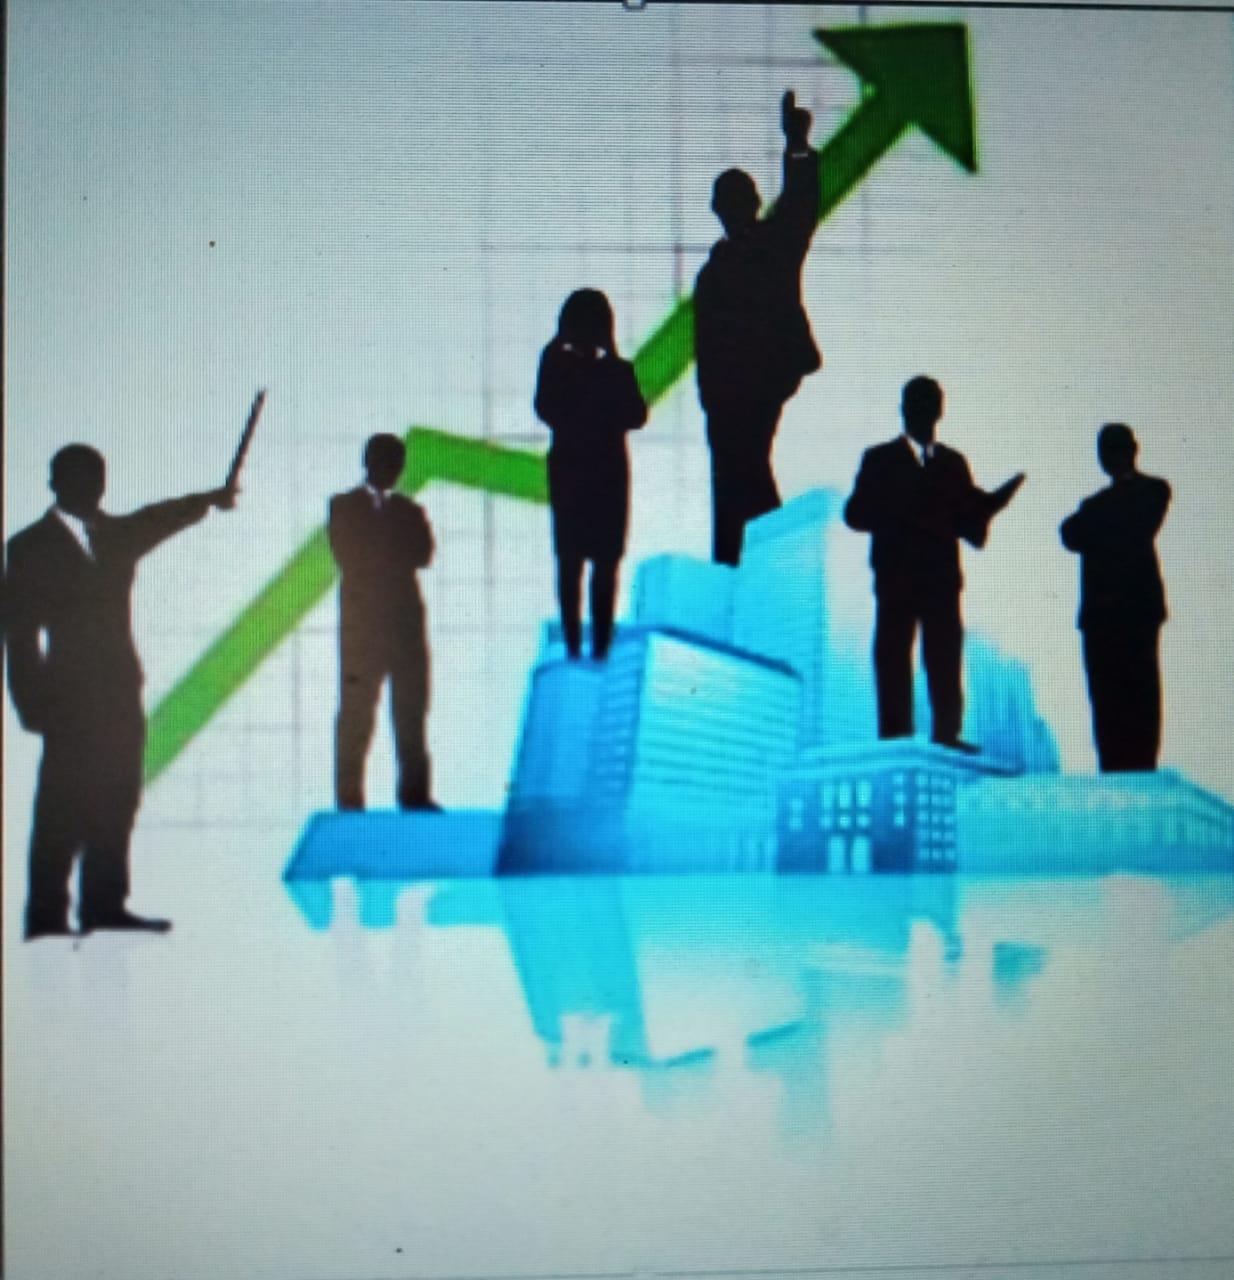 Optimalisasi Kinerja Pegawai Adalah Tujuan Pengelolaan Kinerja